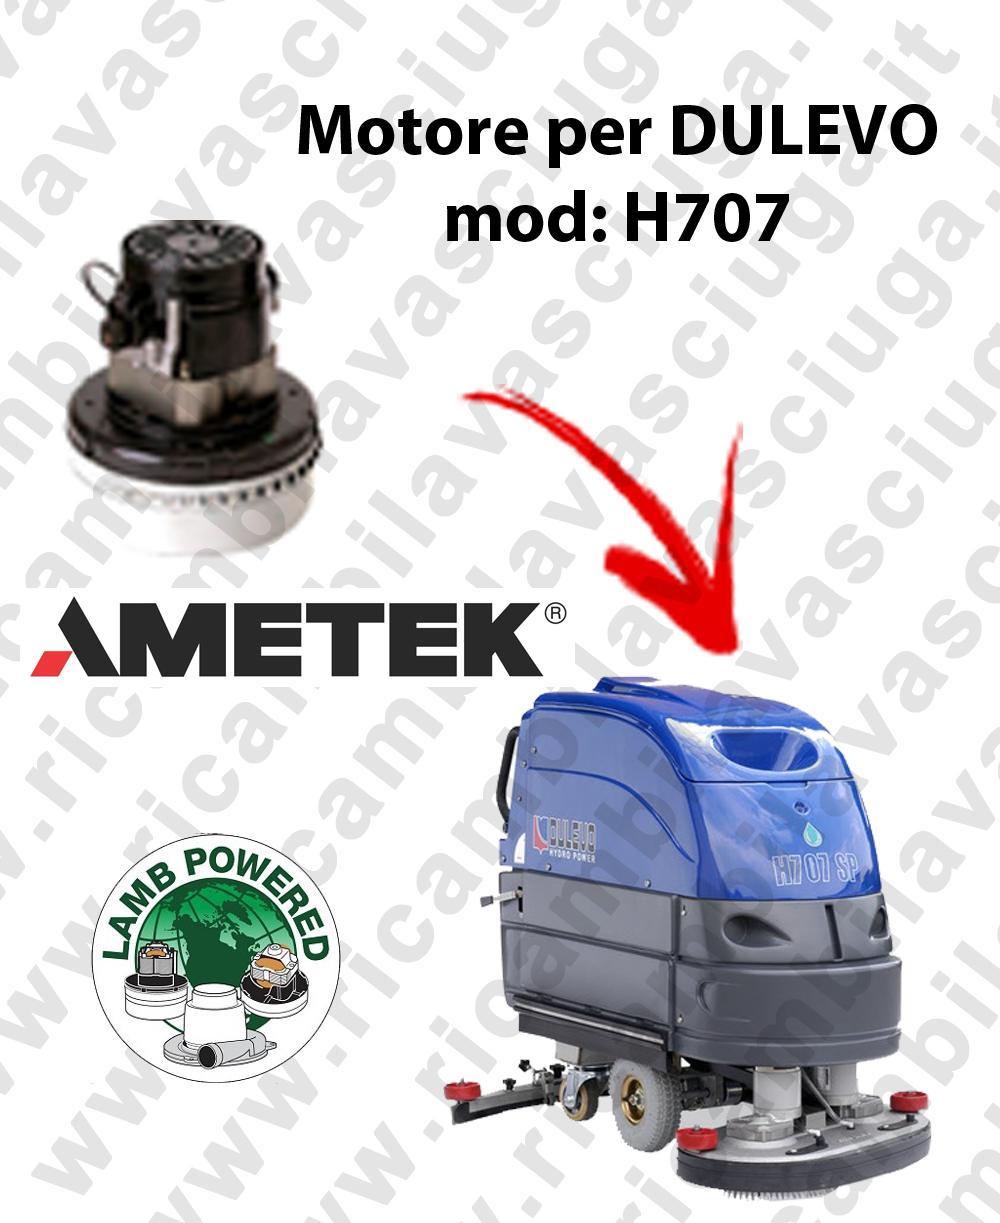 H707 MOTORE LAMB AMETEK di aspirazione per lavapavimenti DULEVO